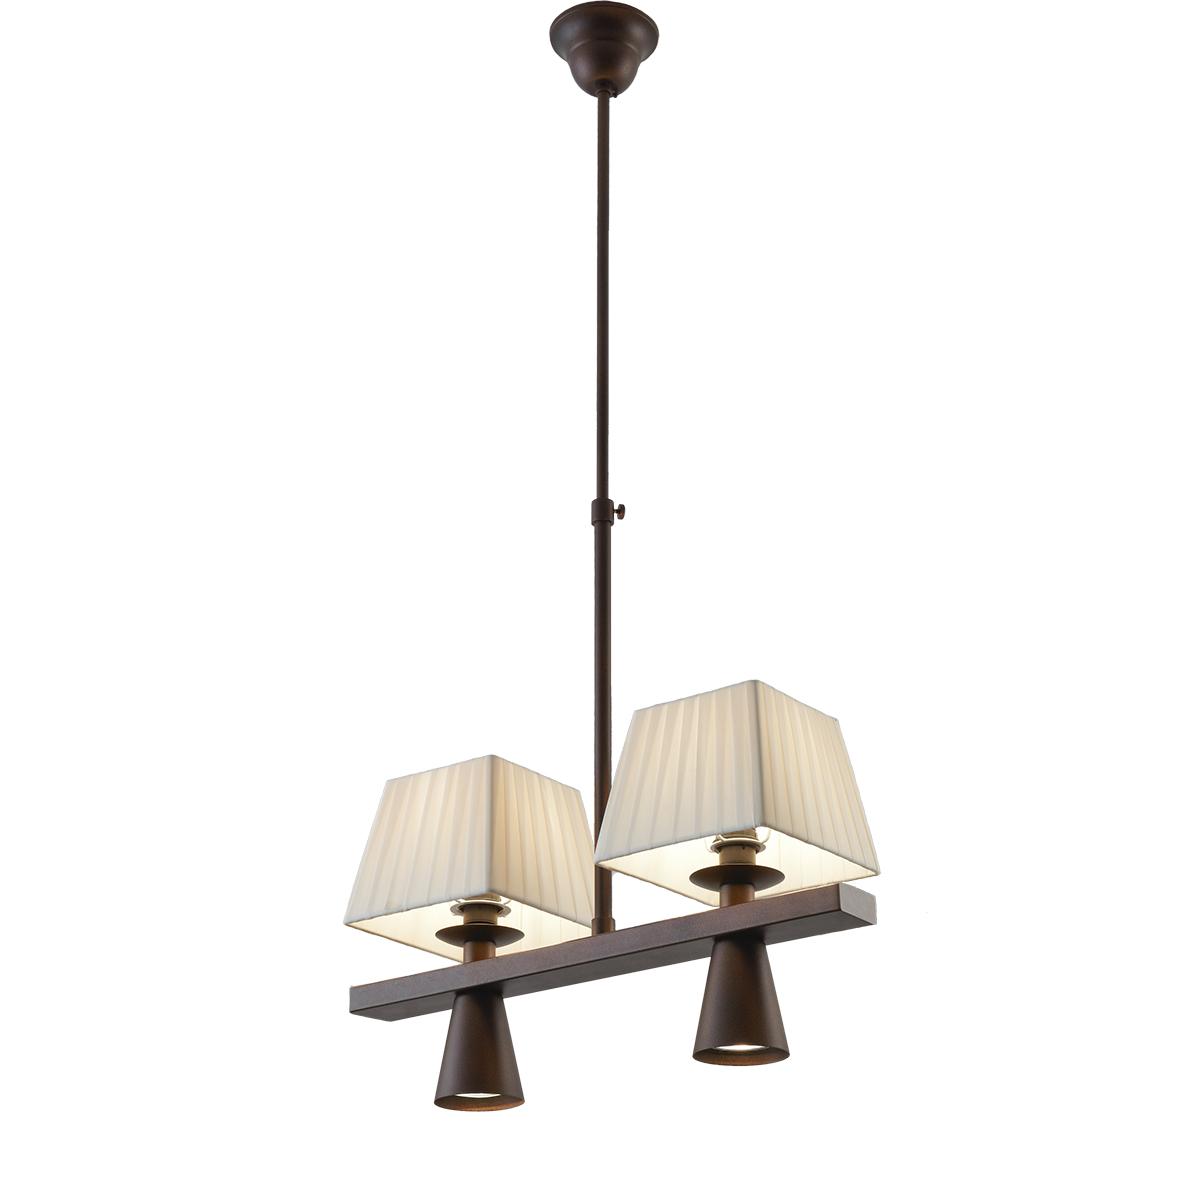 Παραδοσιακό 4φωτο φωτιστικό SMART-CAFE vintage 4-bulb chandelier